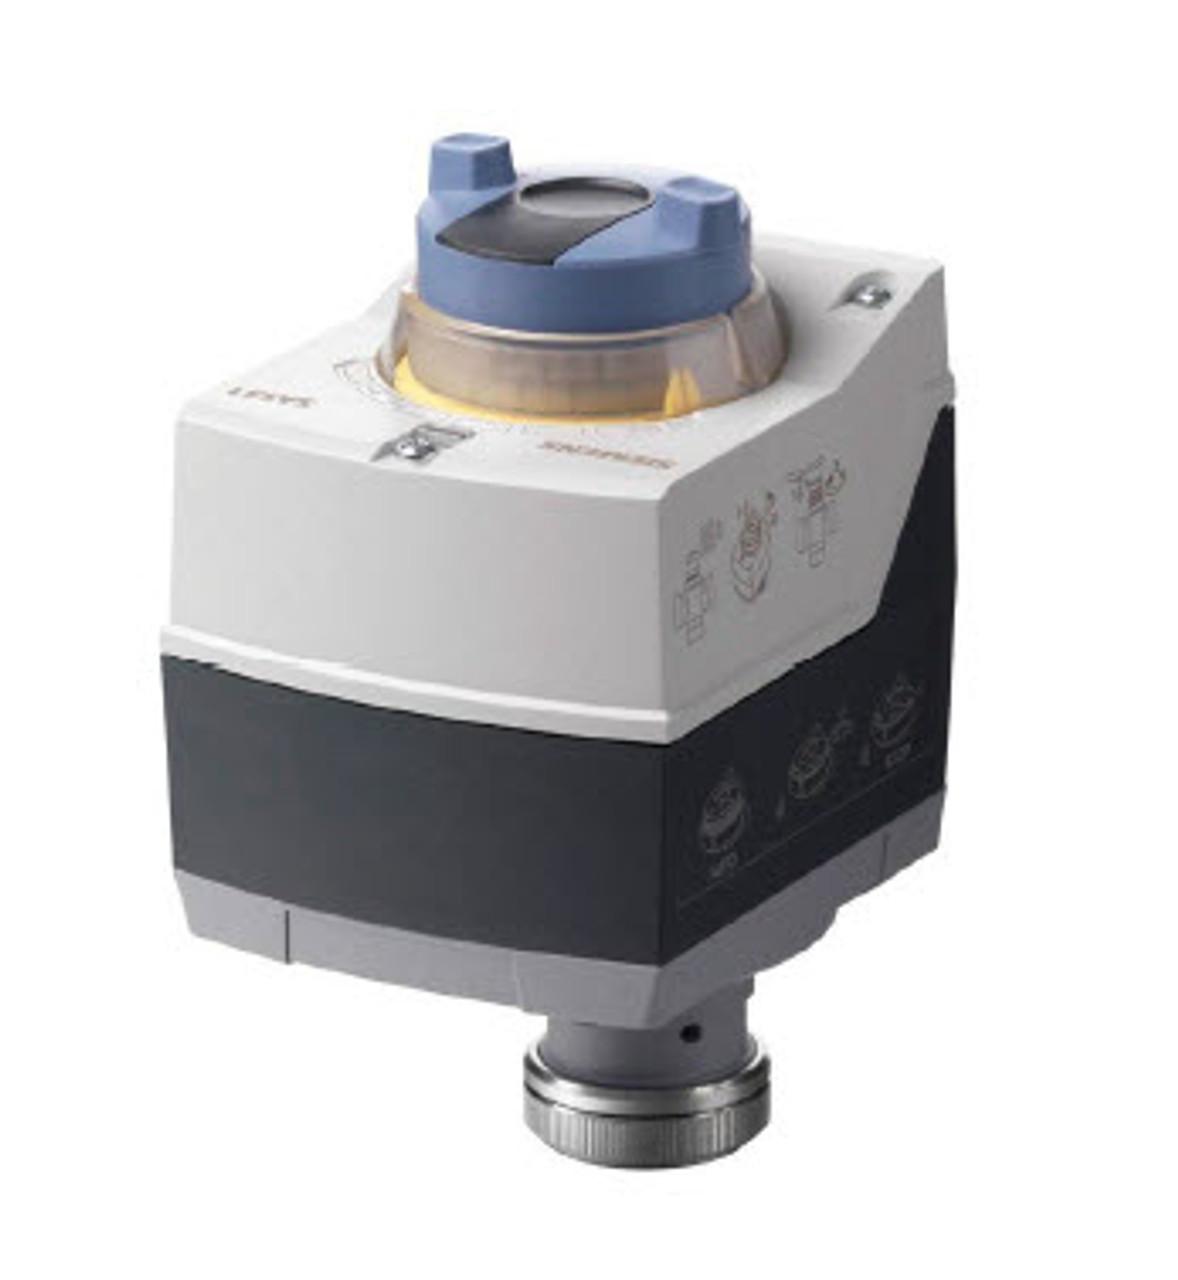 Siemens SAS31.53, electromotoric actuator, S55158-A109